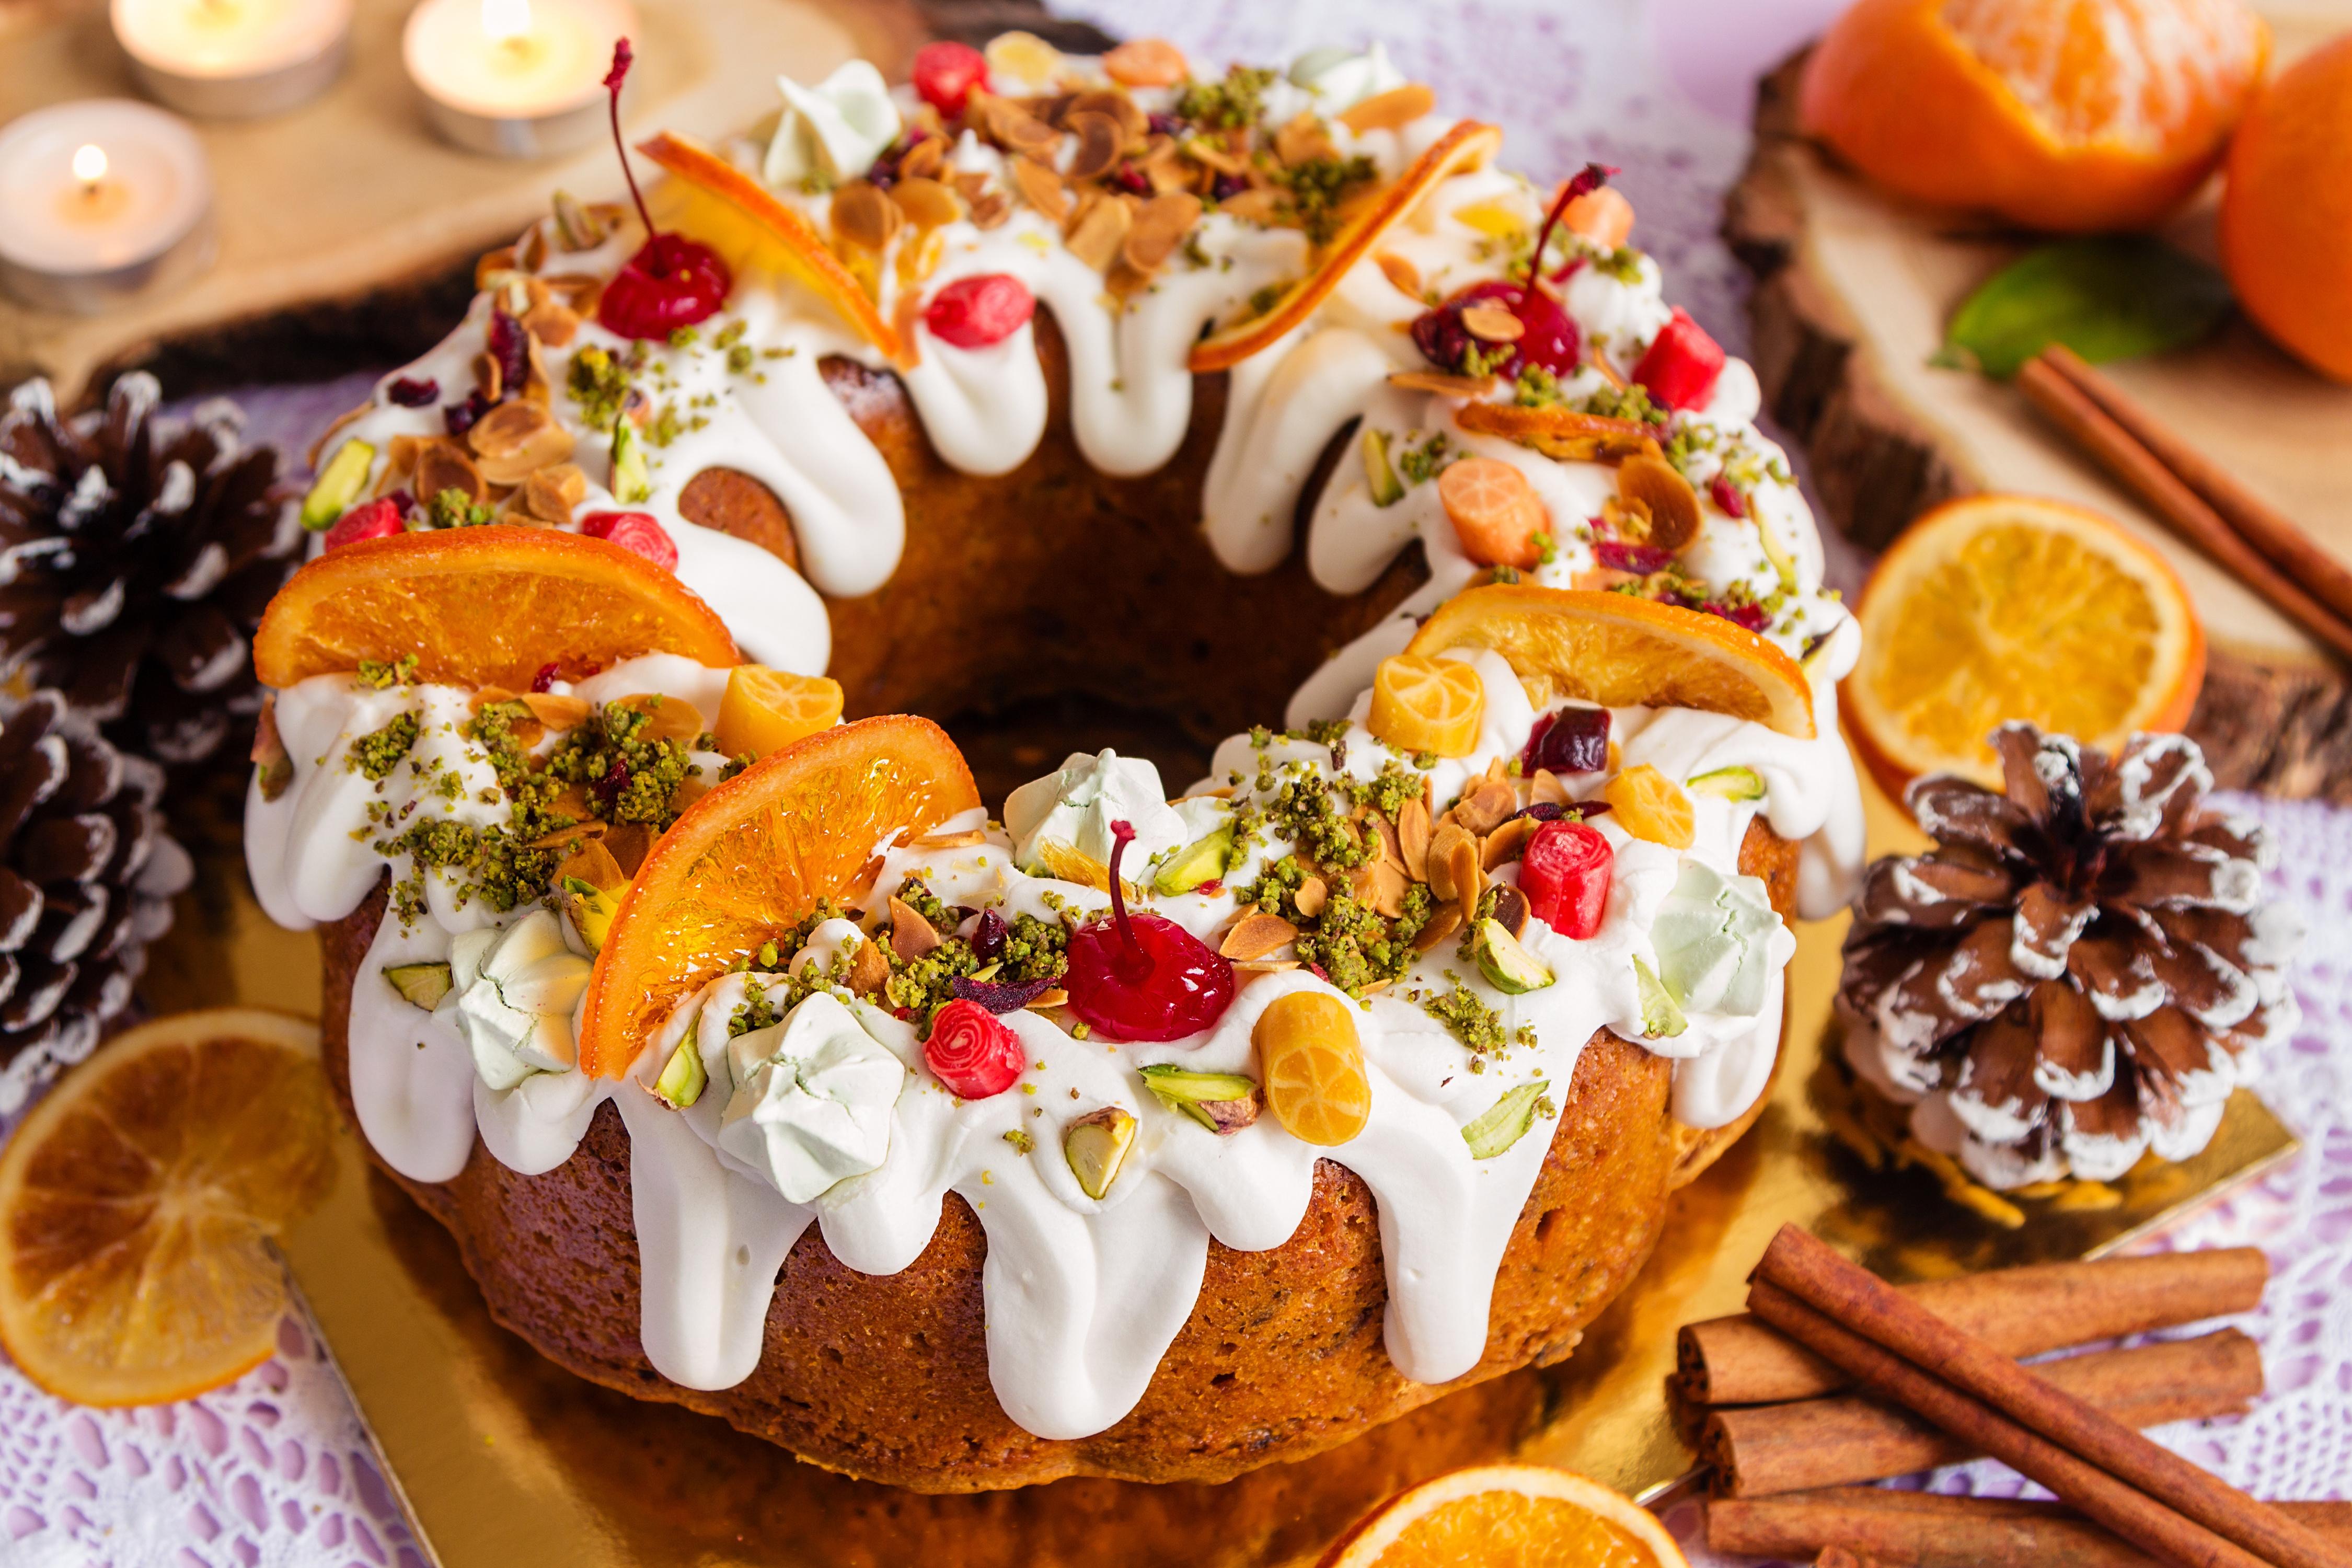 Торт для подруги на день рождения прикольный картинка каждого